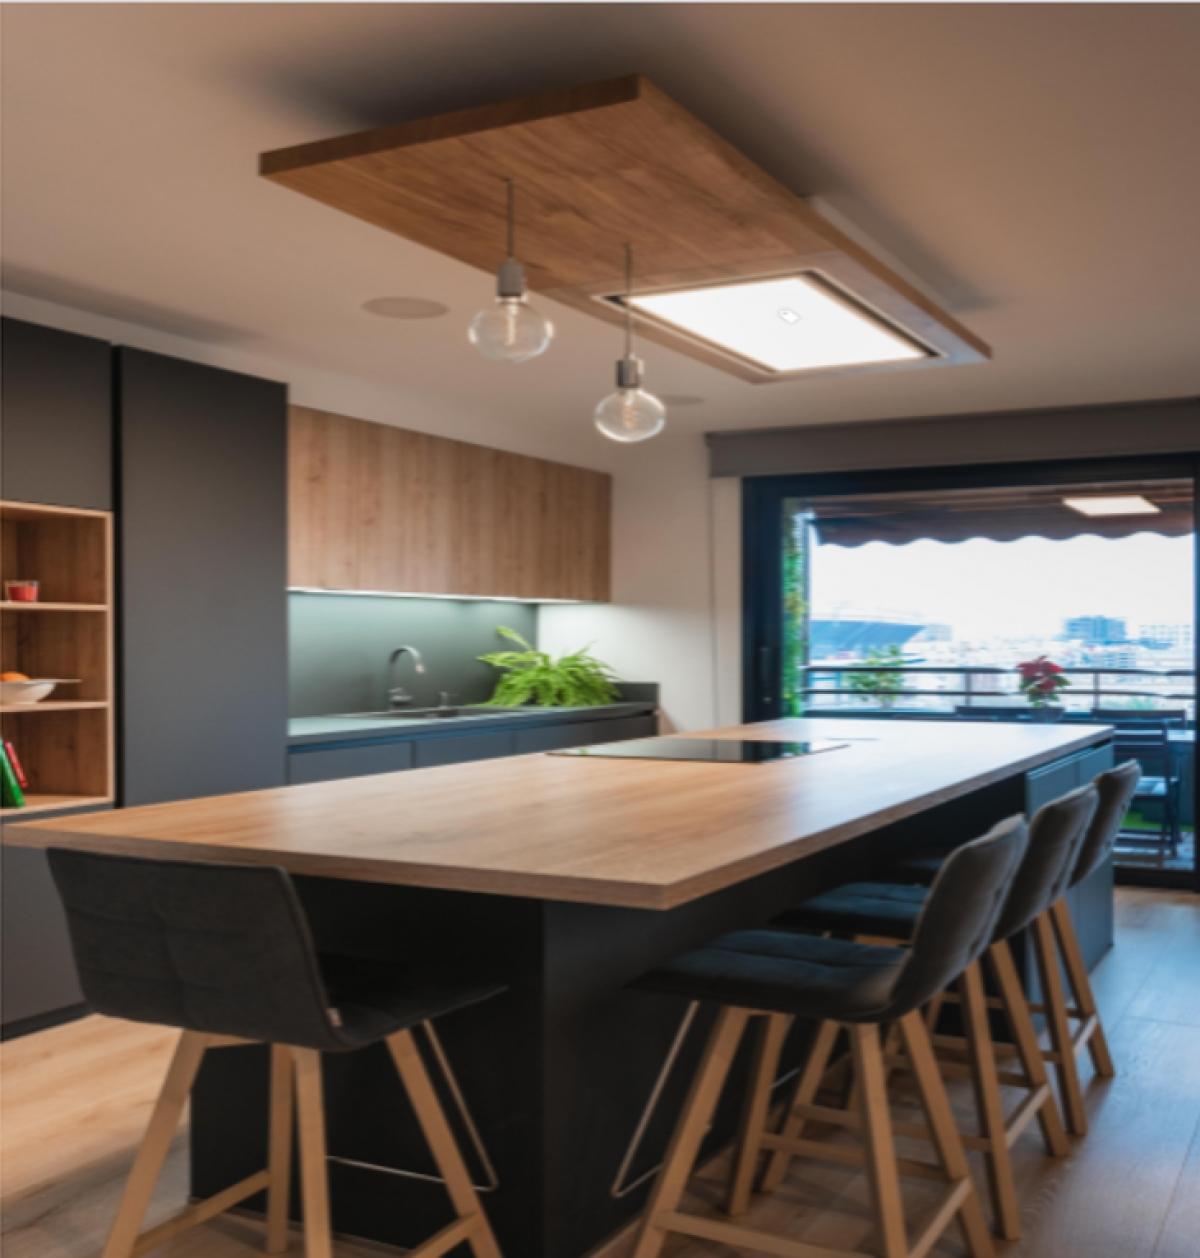 Tương tự như căn nhà tại Munich, Đức, căn nhà ở Valencia, Tây Ban Nha này kết hợp gam màu ghi xám với màu gỗ tự nhiên, tạo nên vẻ thanh lịch, tao nhã cho không gian bếp. Căn bếp cũng mở hướng nhìn ra sân, đón nguồn ánh sáng tự nhiên cho căn phòng.